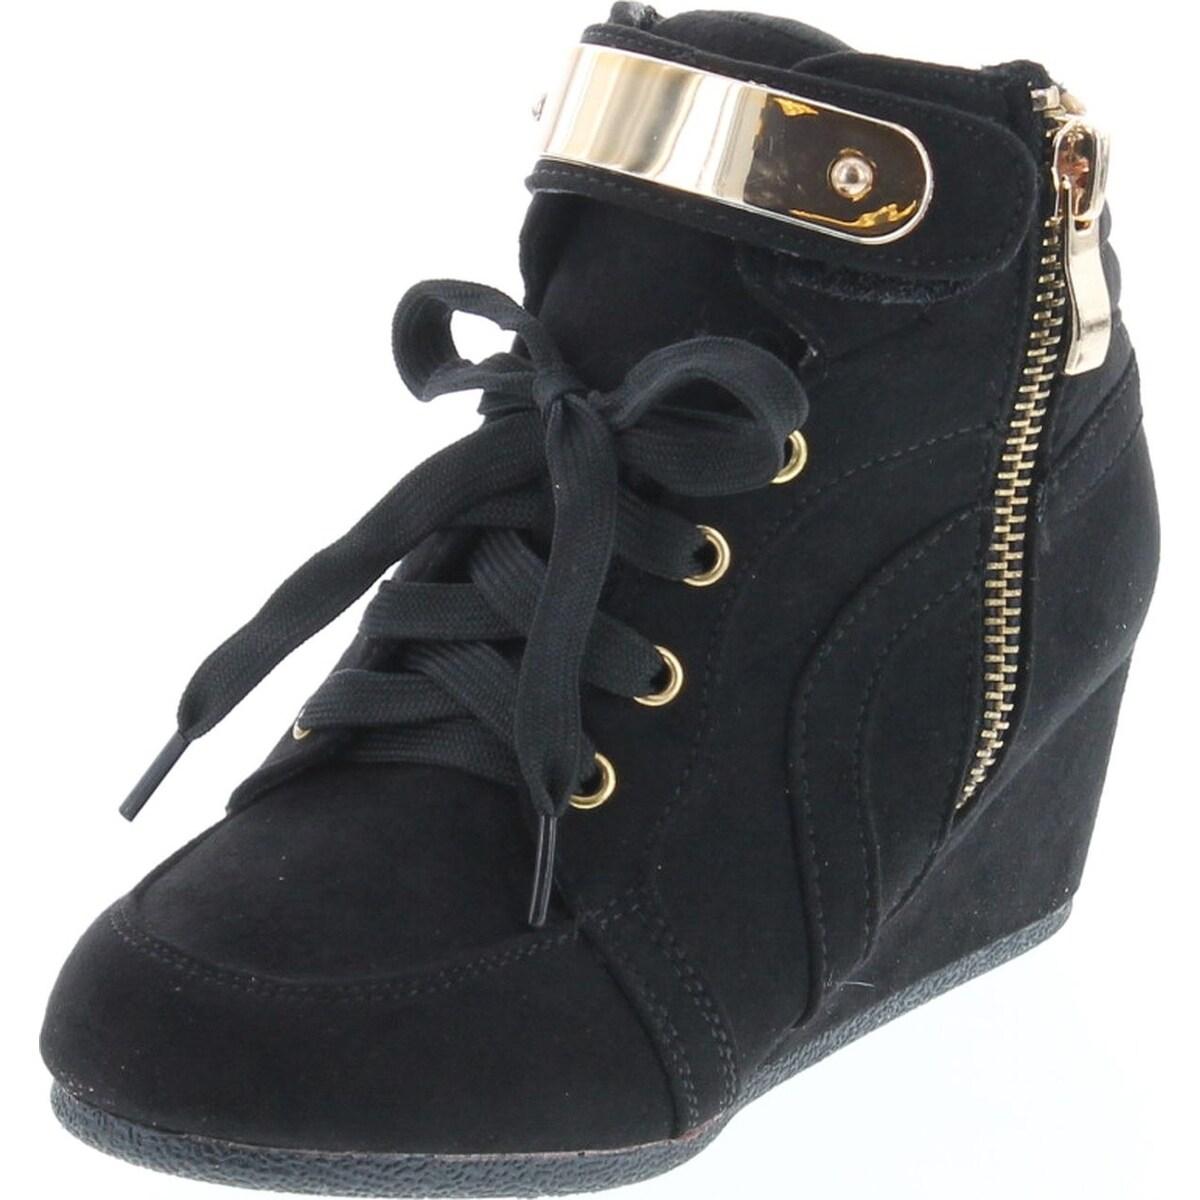 Hidden Wedge Sneakers - Black